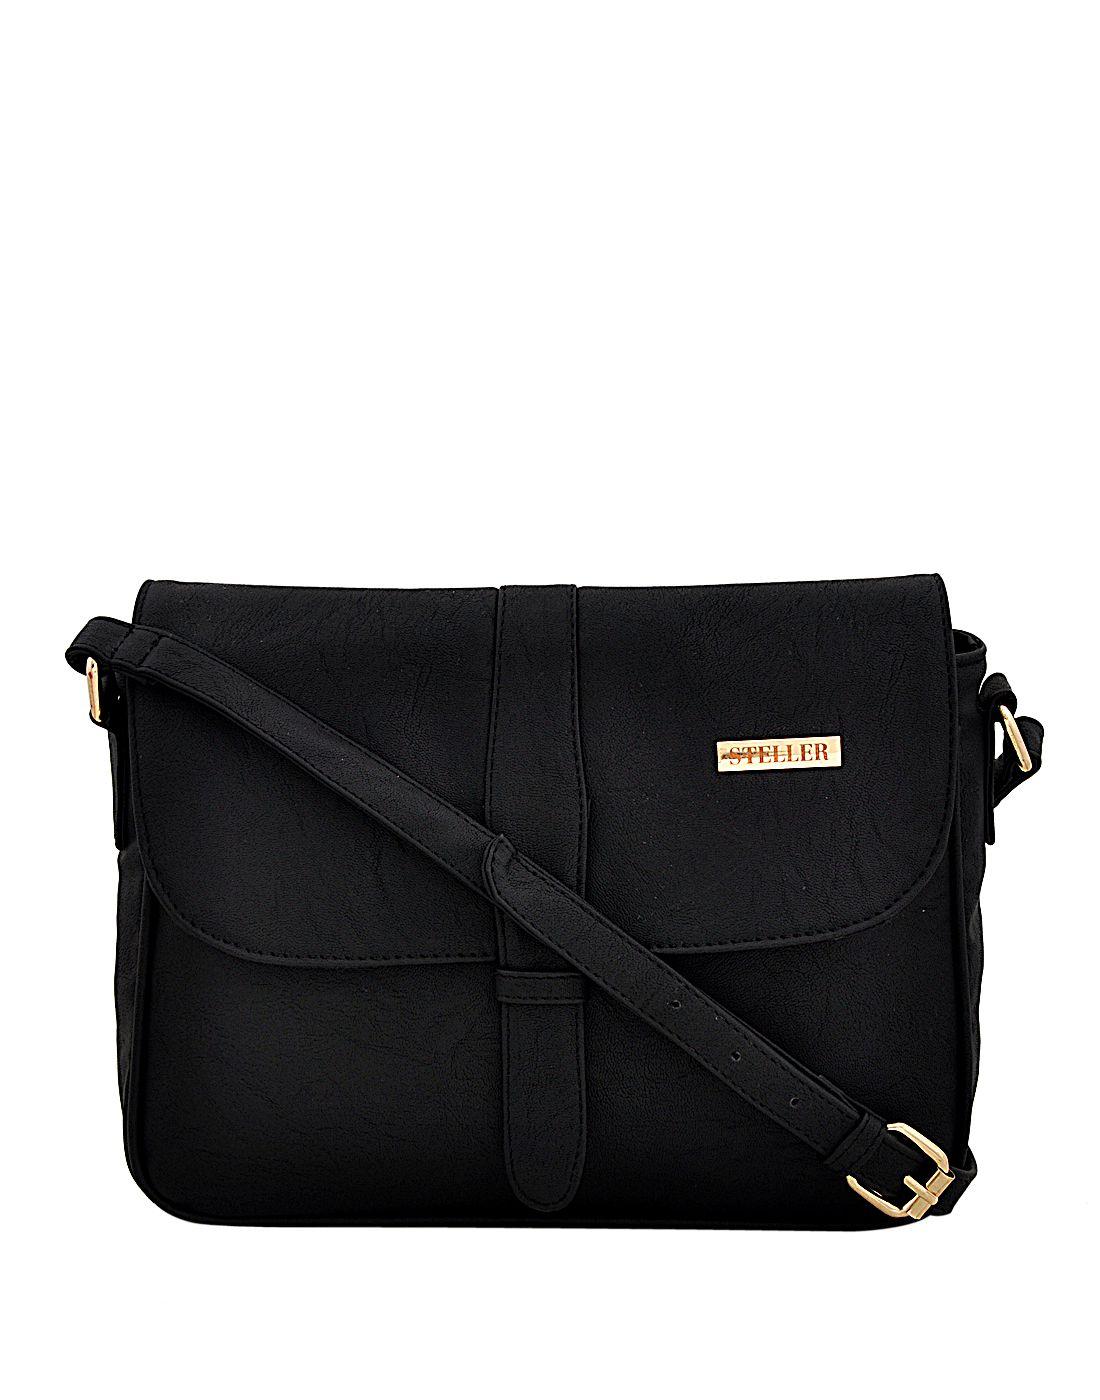 Steller Black Faux Leather Sling Bag